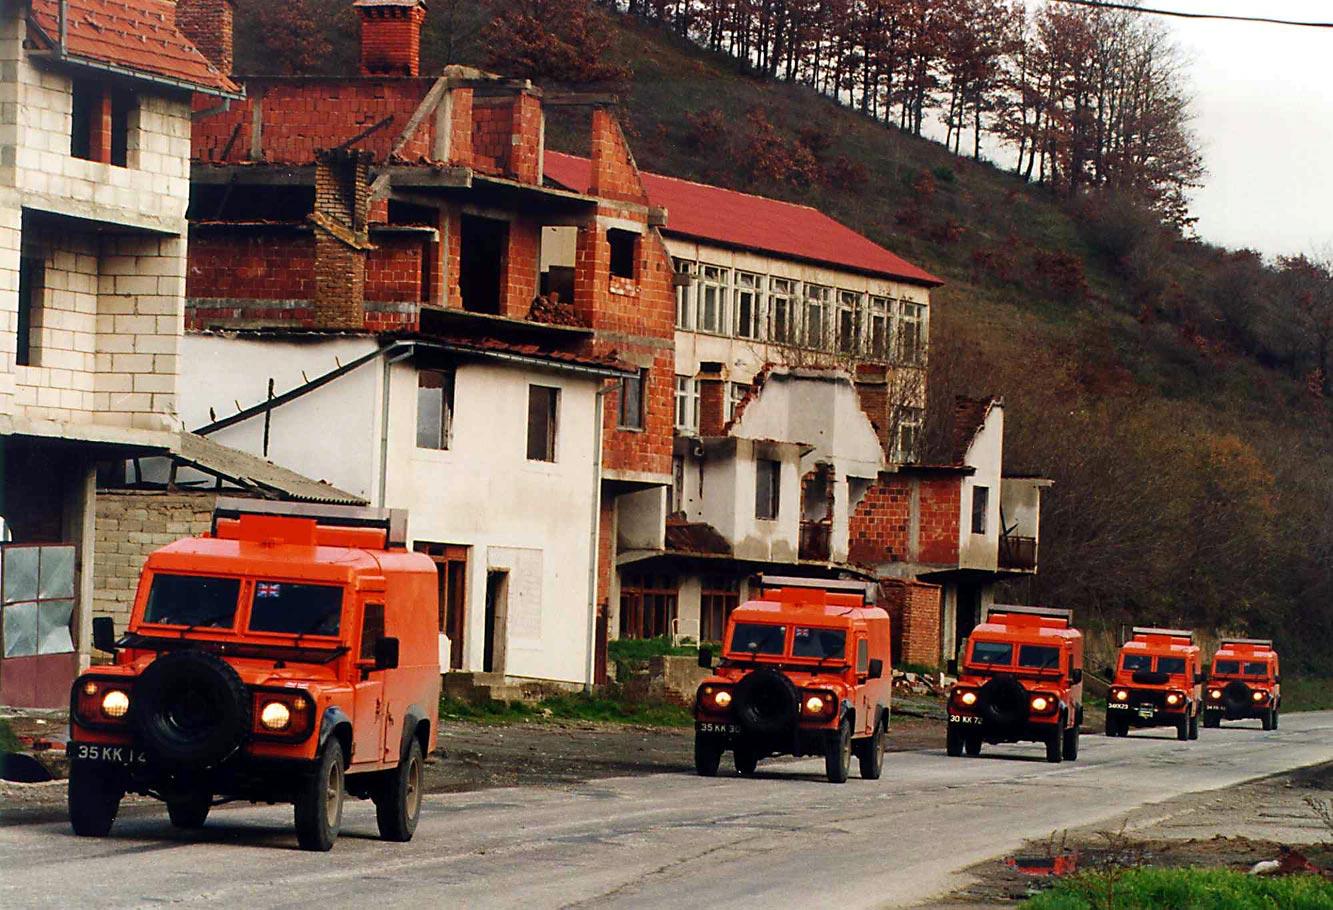 Missione di verifica OSCE in Kosovo, 14 novembre 1998 - Bela Szandelszky/OSCE